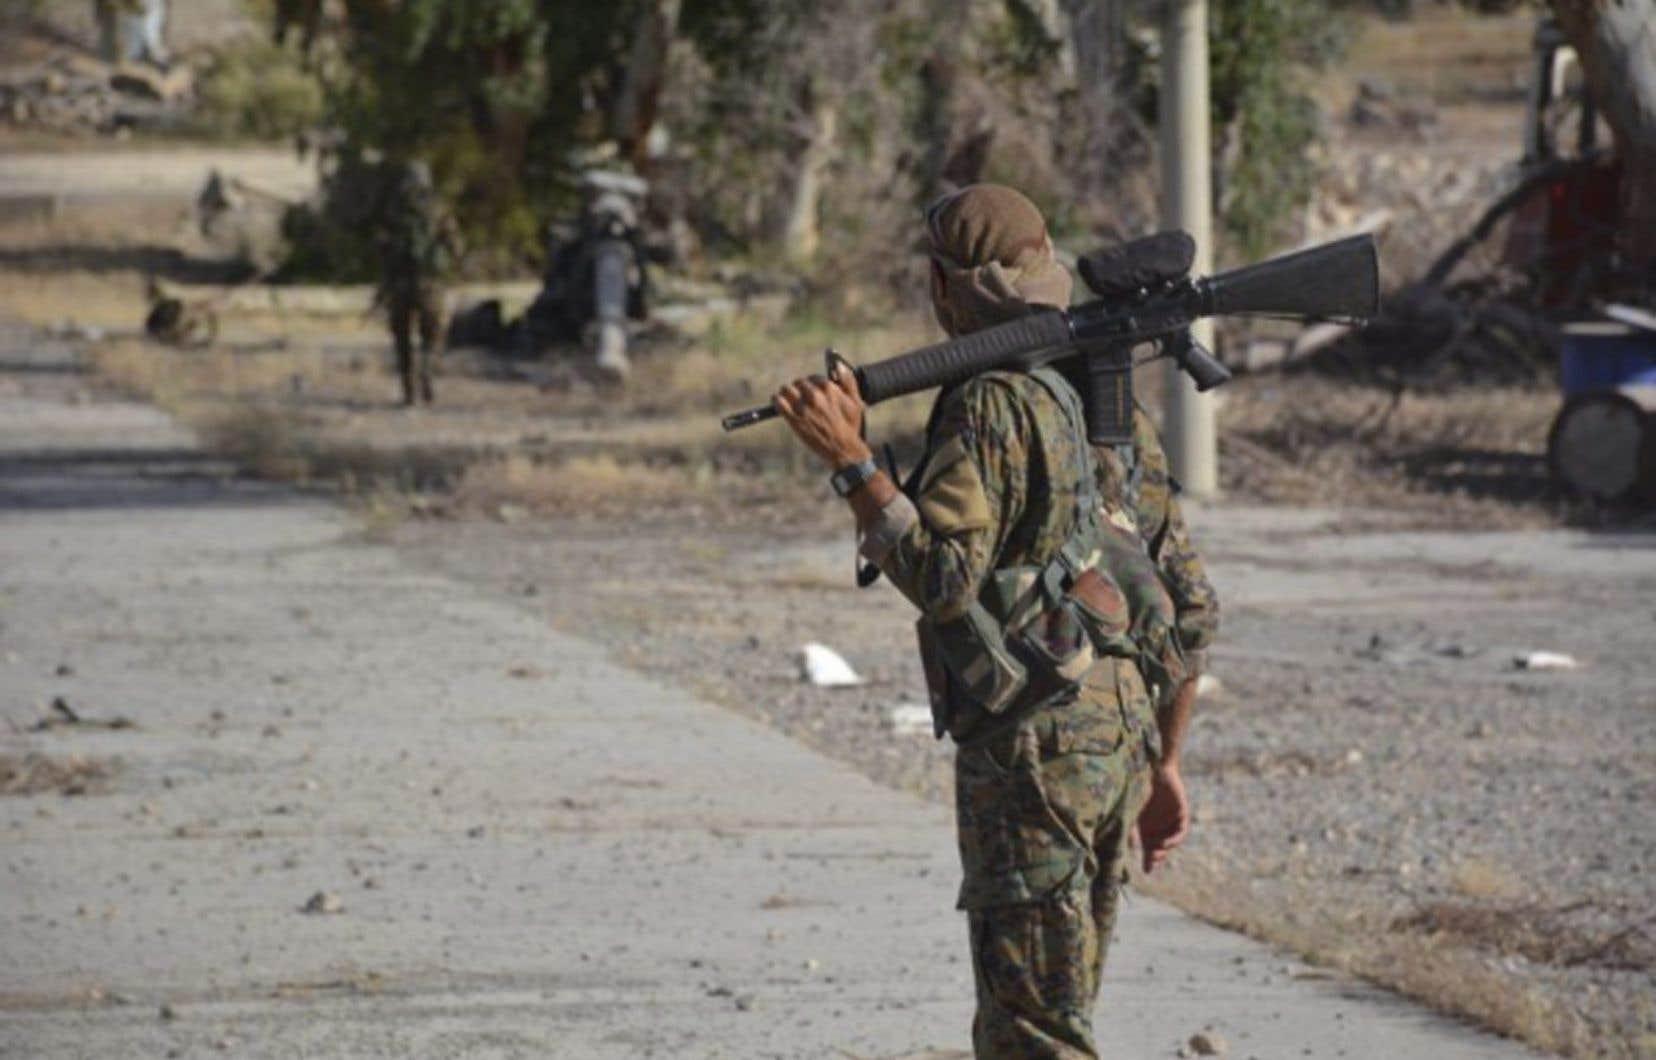 Les Forces démocratiques syriennes, une coalition kurdo-arabe soutenue par les États-Unis, se sont emparées mercredi de Tabqa et du barrage adjacent, le plus grand de Syrie.